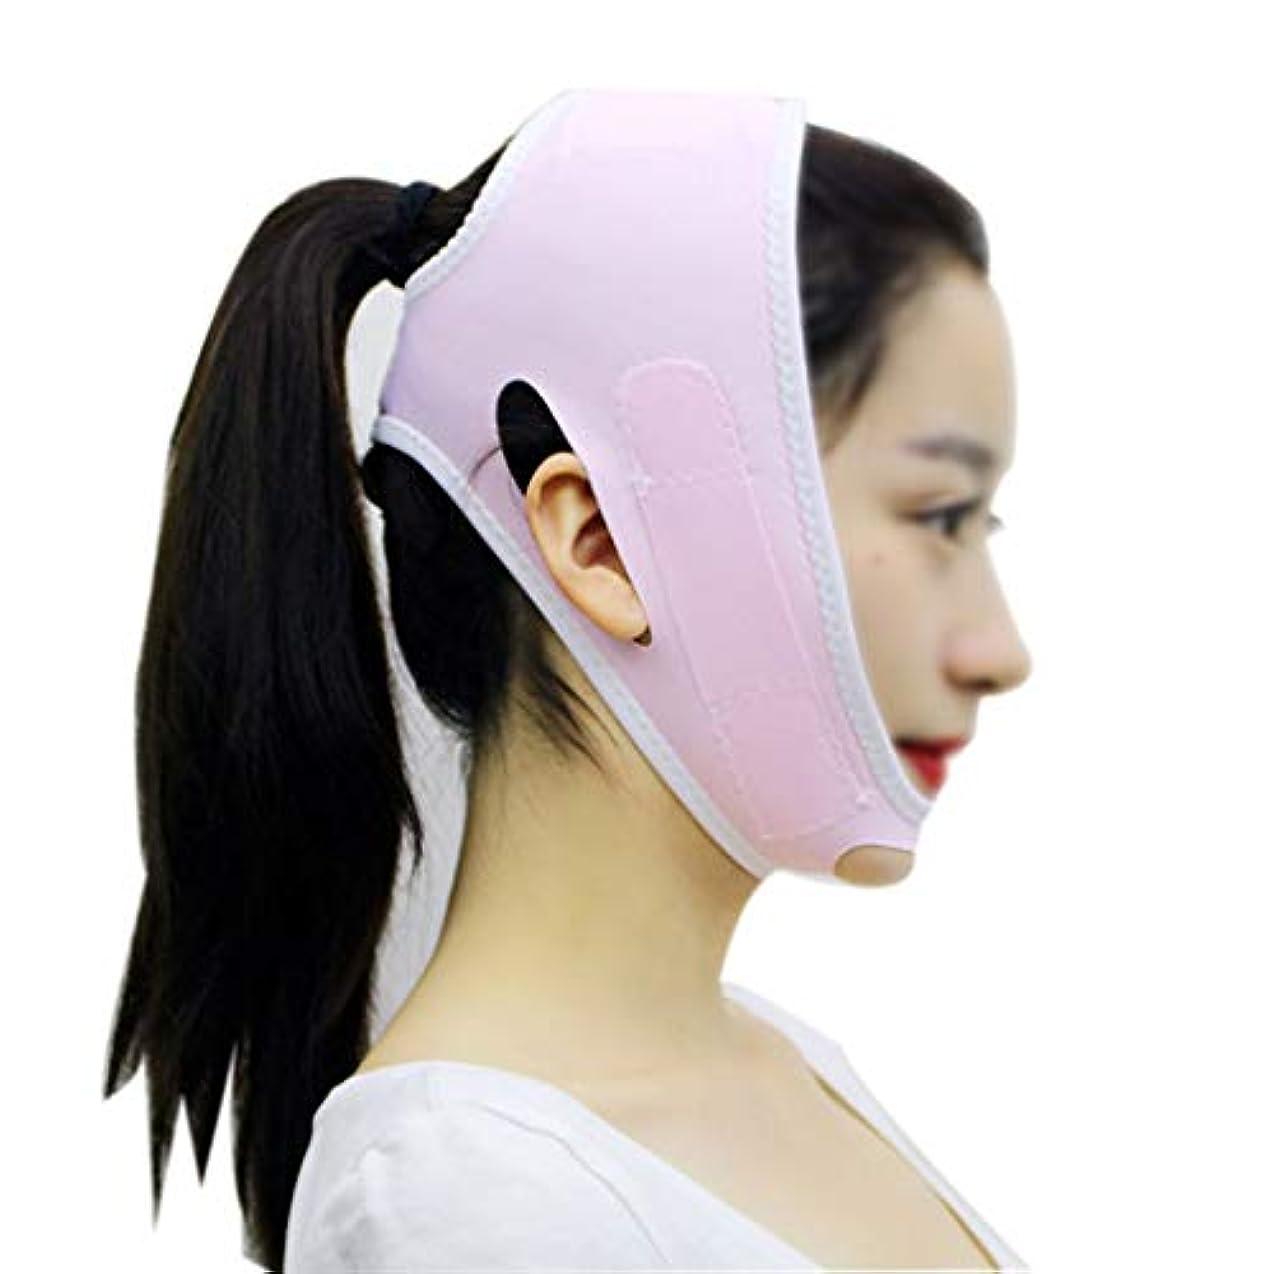 ドラフト徹底電池GLJJQMY 引き締め肌の薄い二重あごマスクを強化するためのフェイスリフティング包帯回復マスク 顔用整形マスク (Color : Pink)